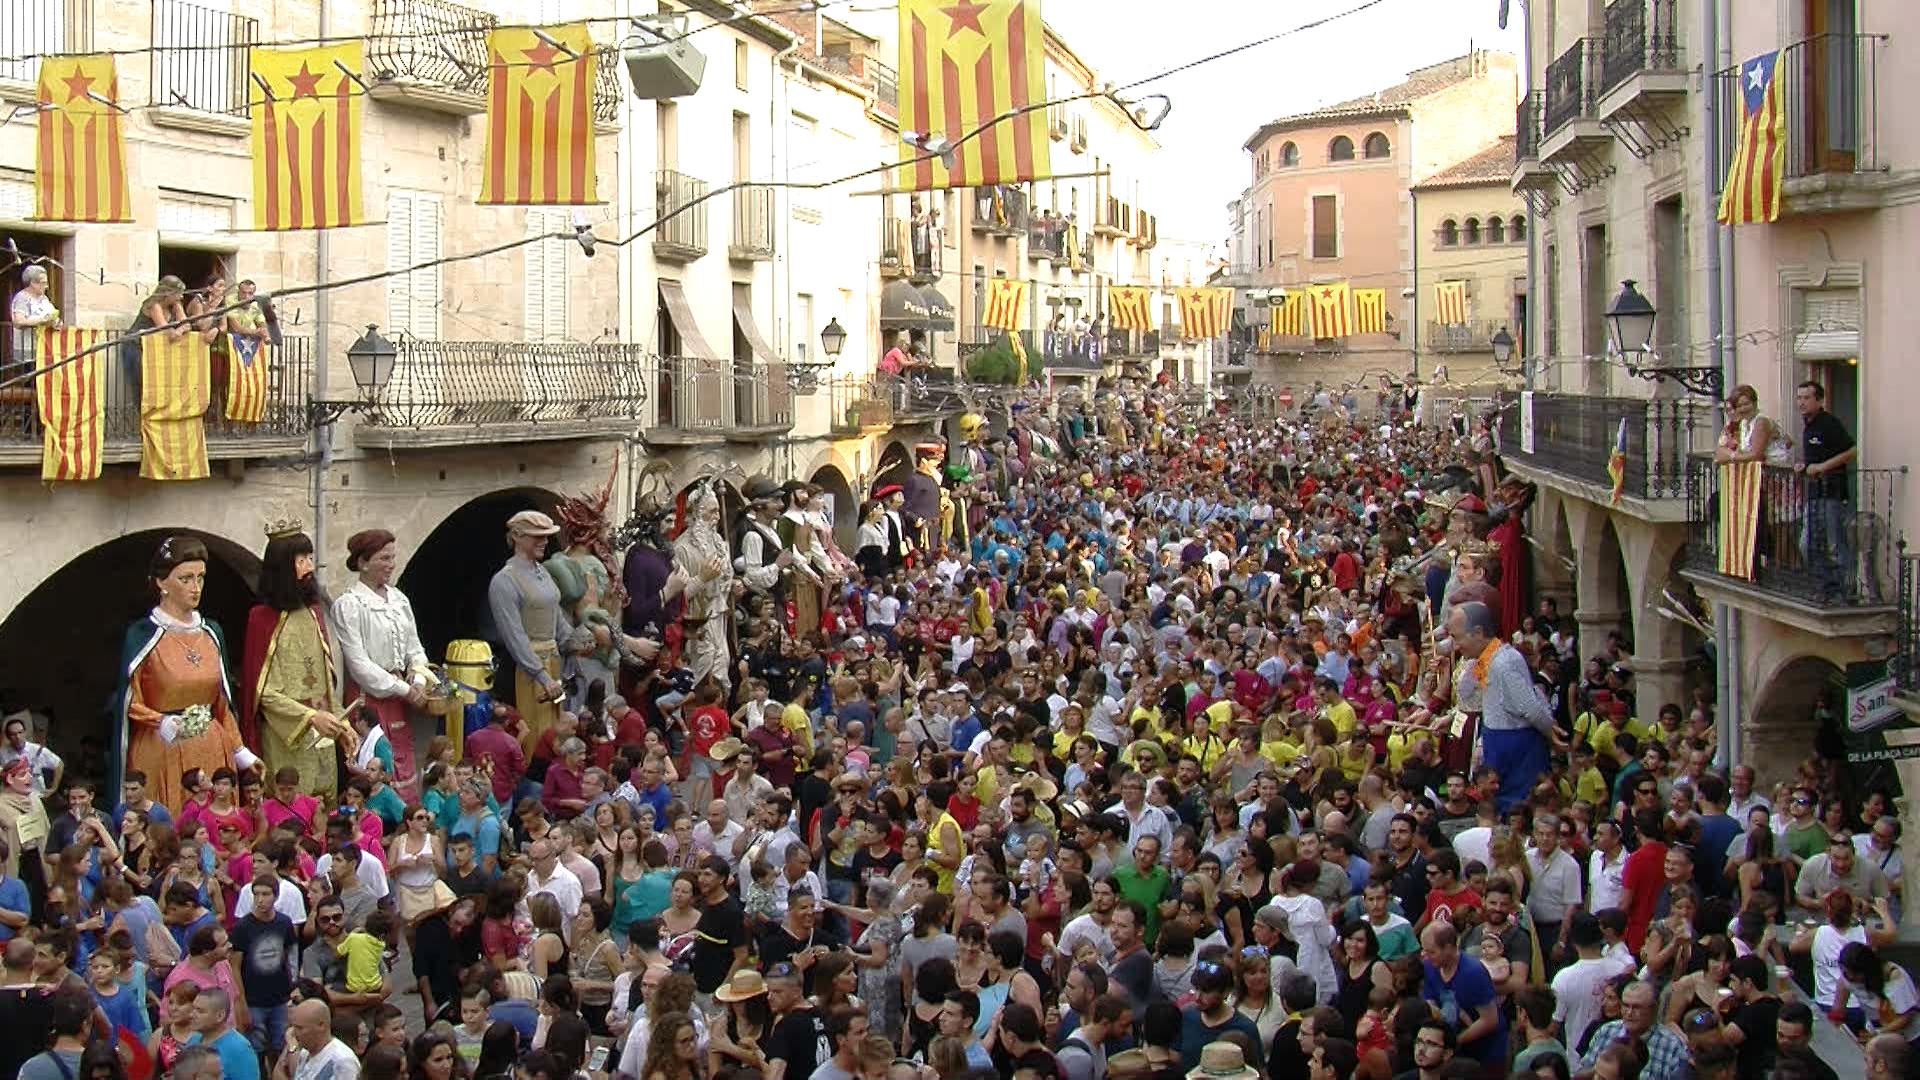 Un estudi del cens de les Borges revela que des de principis de segle XXI ha guanyat i rejovenit població